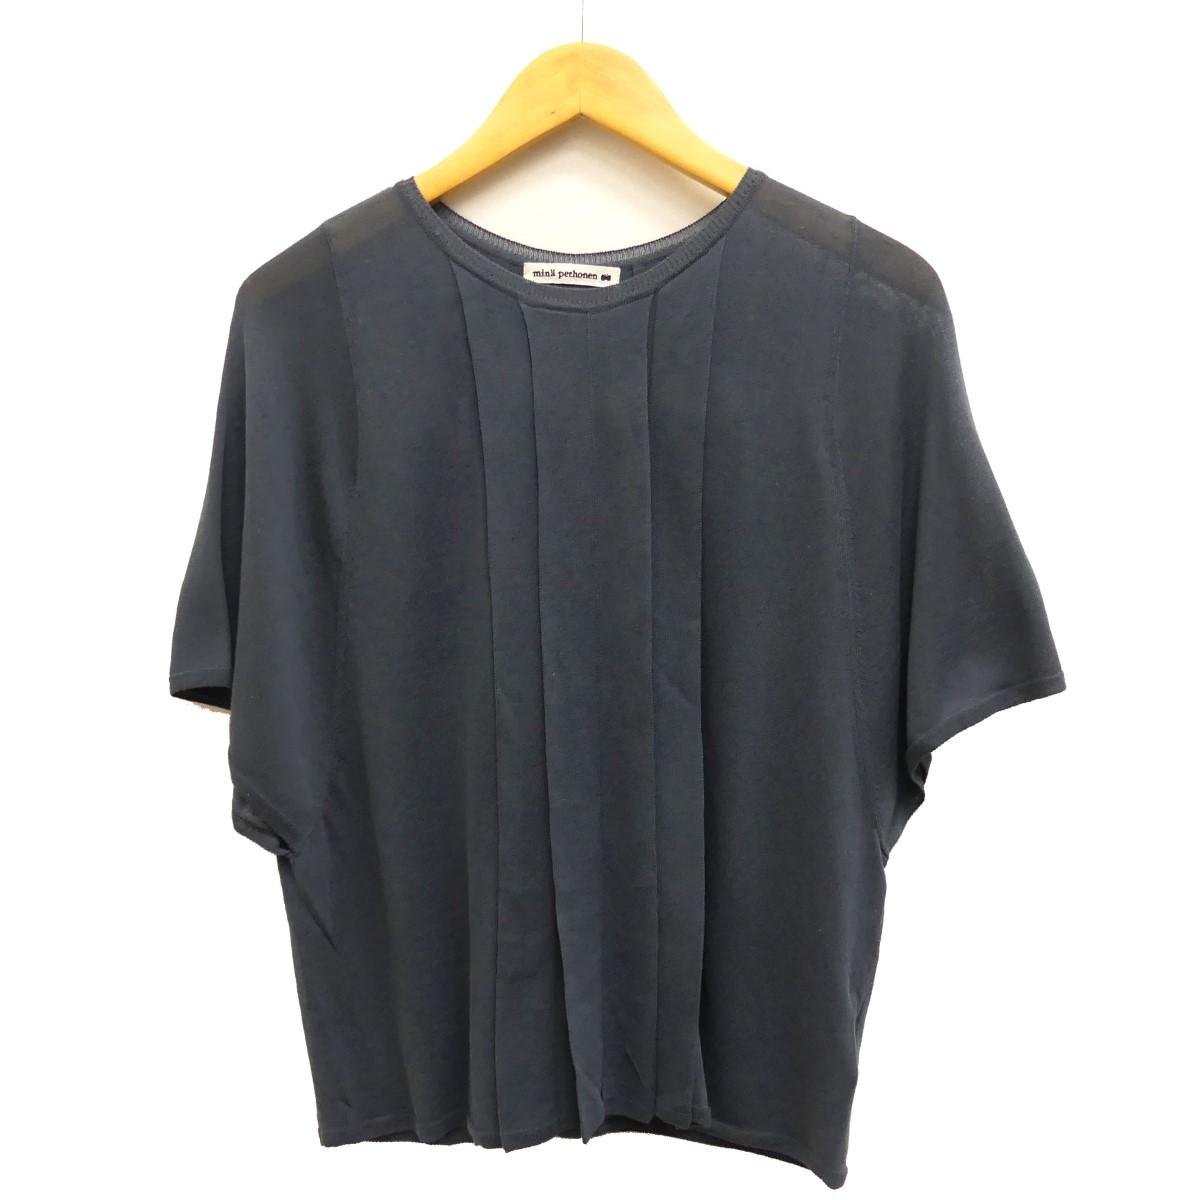 【中古】mina perhonen 18SS petalo 半袖カットソー ブルー サイズ:36 【290420】(ミナペルホネン)